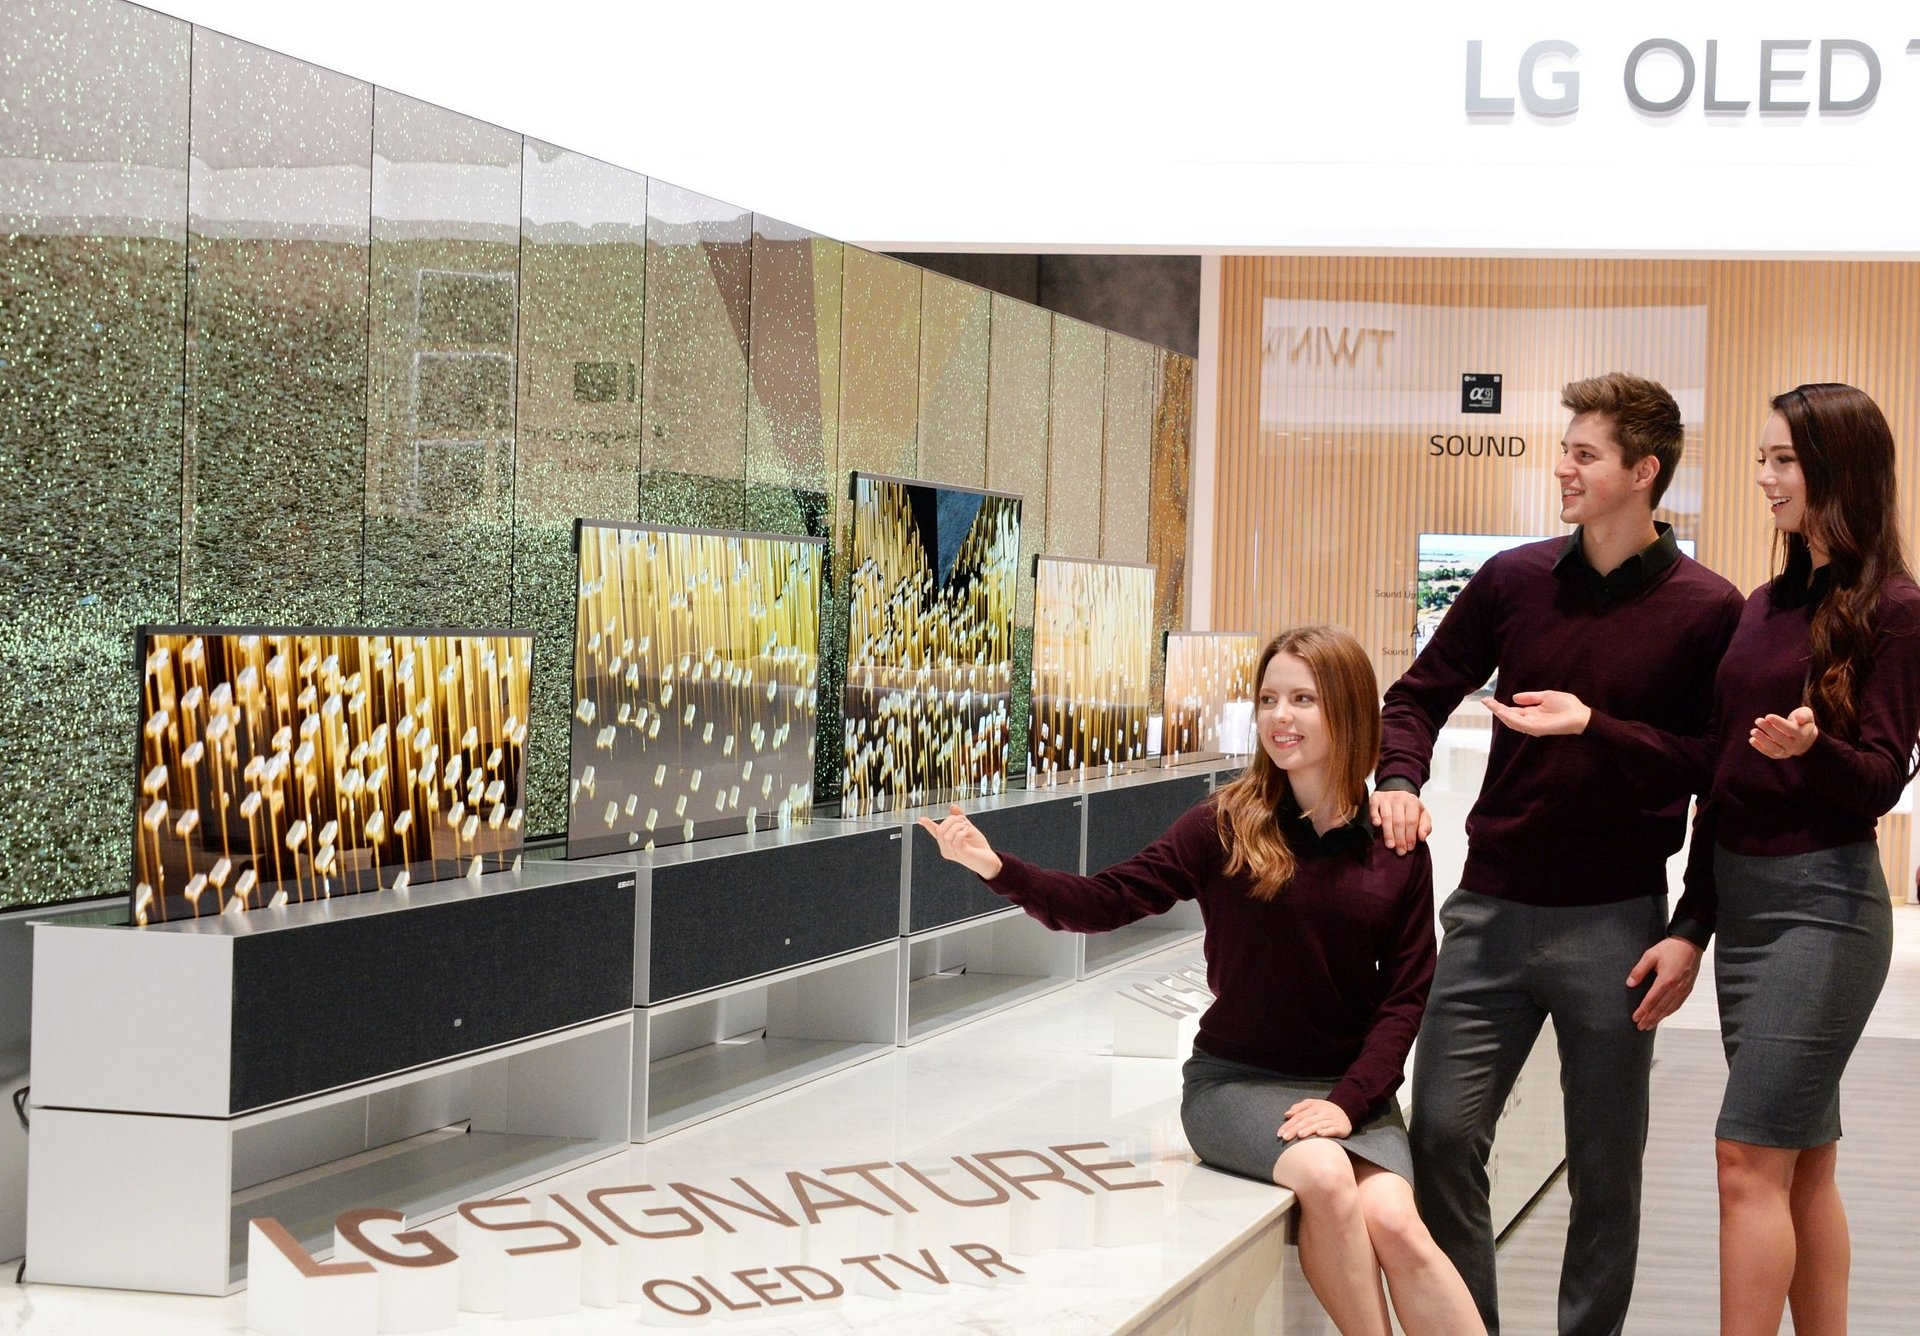 140 nagród i wyróżnień dla produktów LG zaprezentowanych podczas targów CES 2019